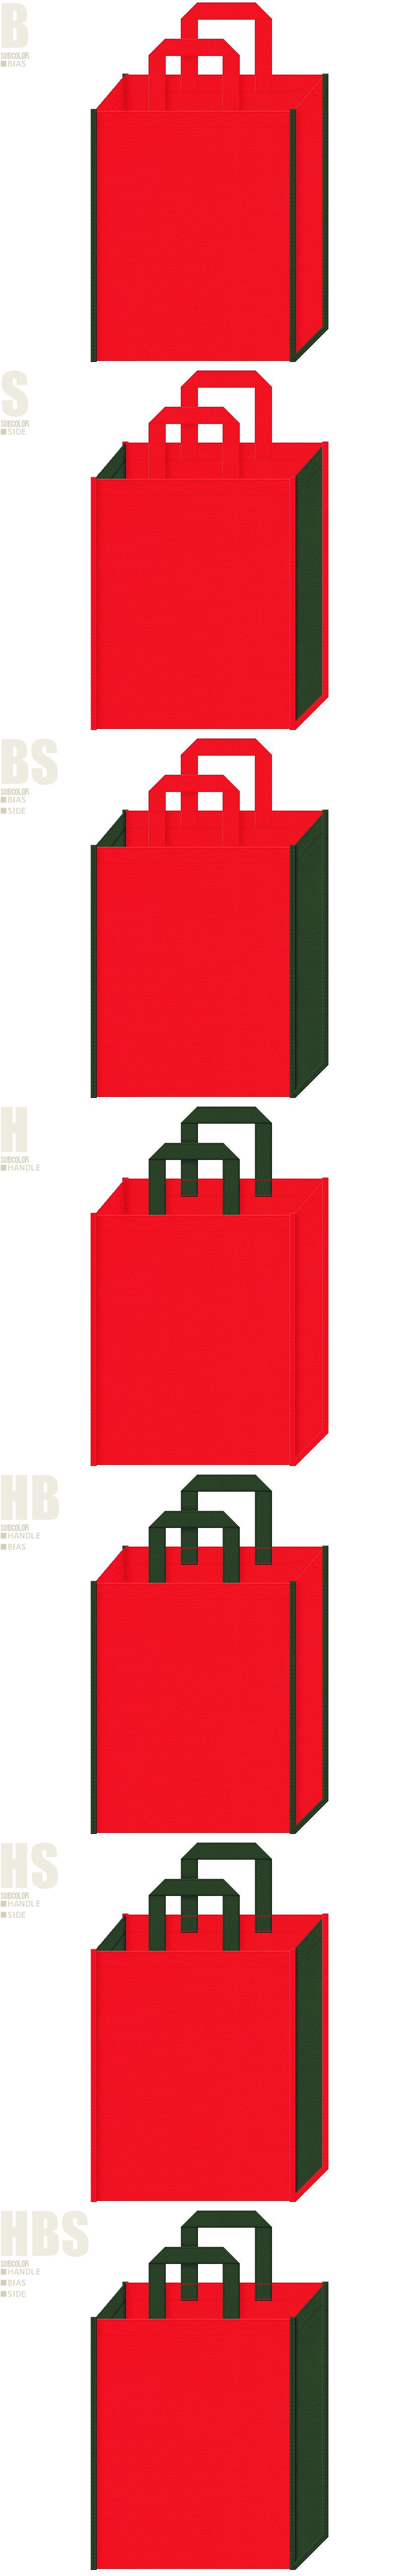 赤色と濃緑色、7パターンの不織布トートバッグ配色デザイン例。クリスマス・お料理教室のバッグノベルティにお奨めです。